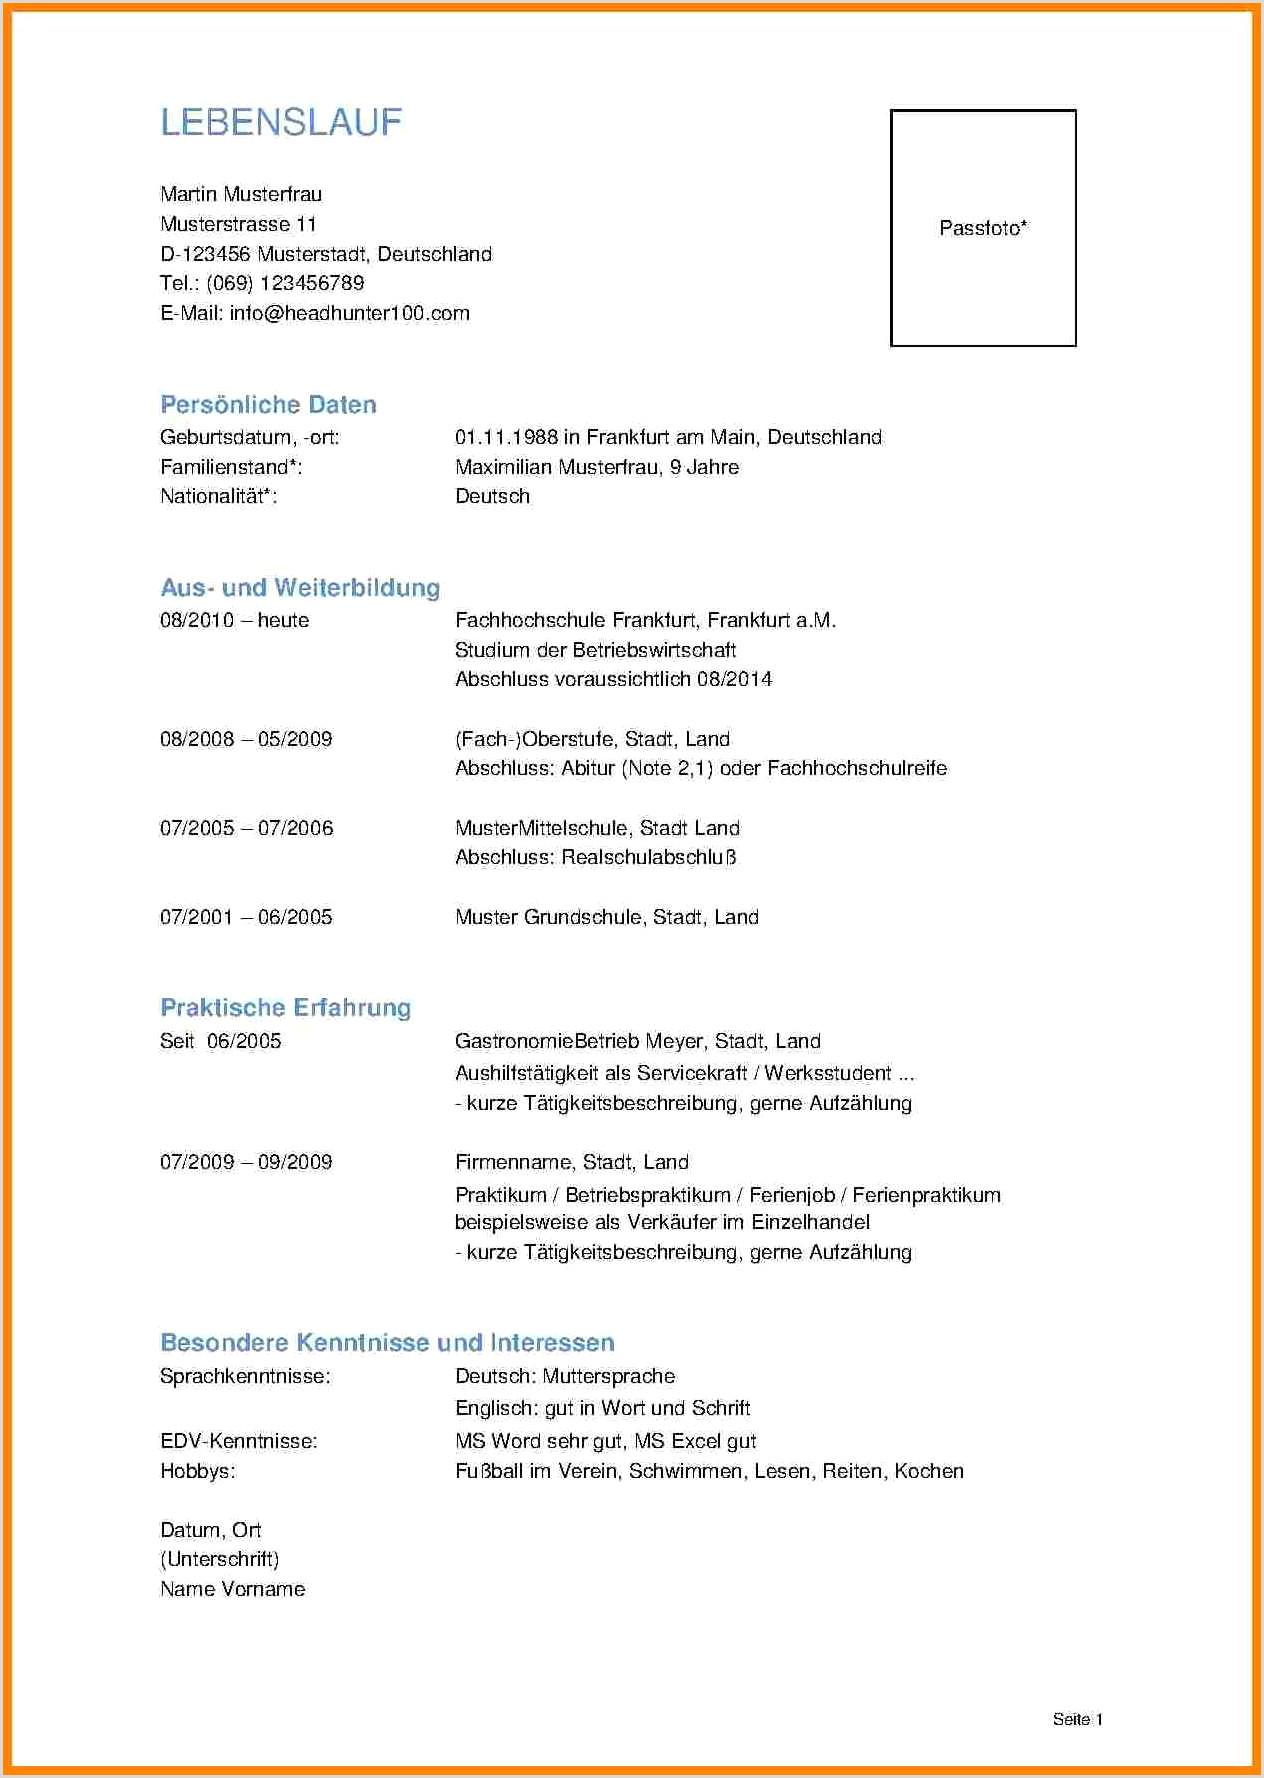 Lebenslauf Muster Einbürgerungsantrag 21 Unterschrift Lebenslauf Wohin Reference3d